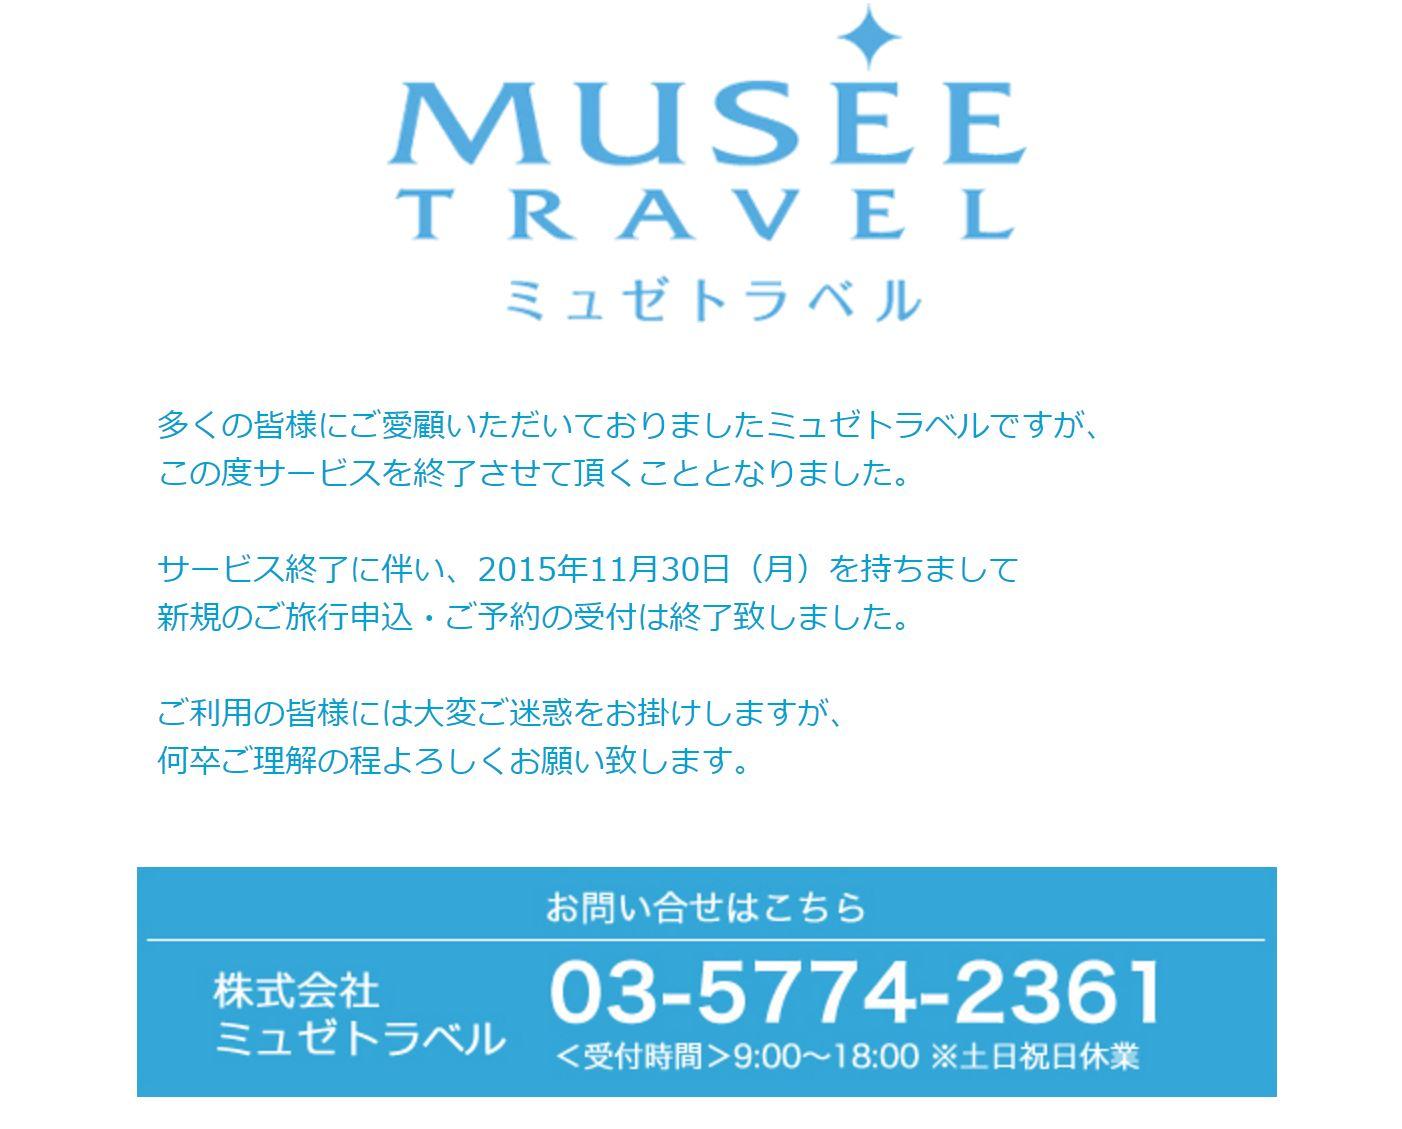 ミュゼプラチナムの旅行会社「ミュゼトラベル」が特別清算へ、親会社の経営悪化で ―東京商工リサーチ